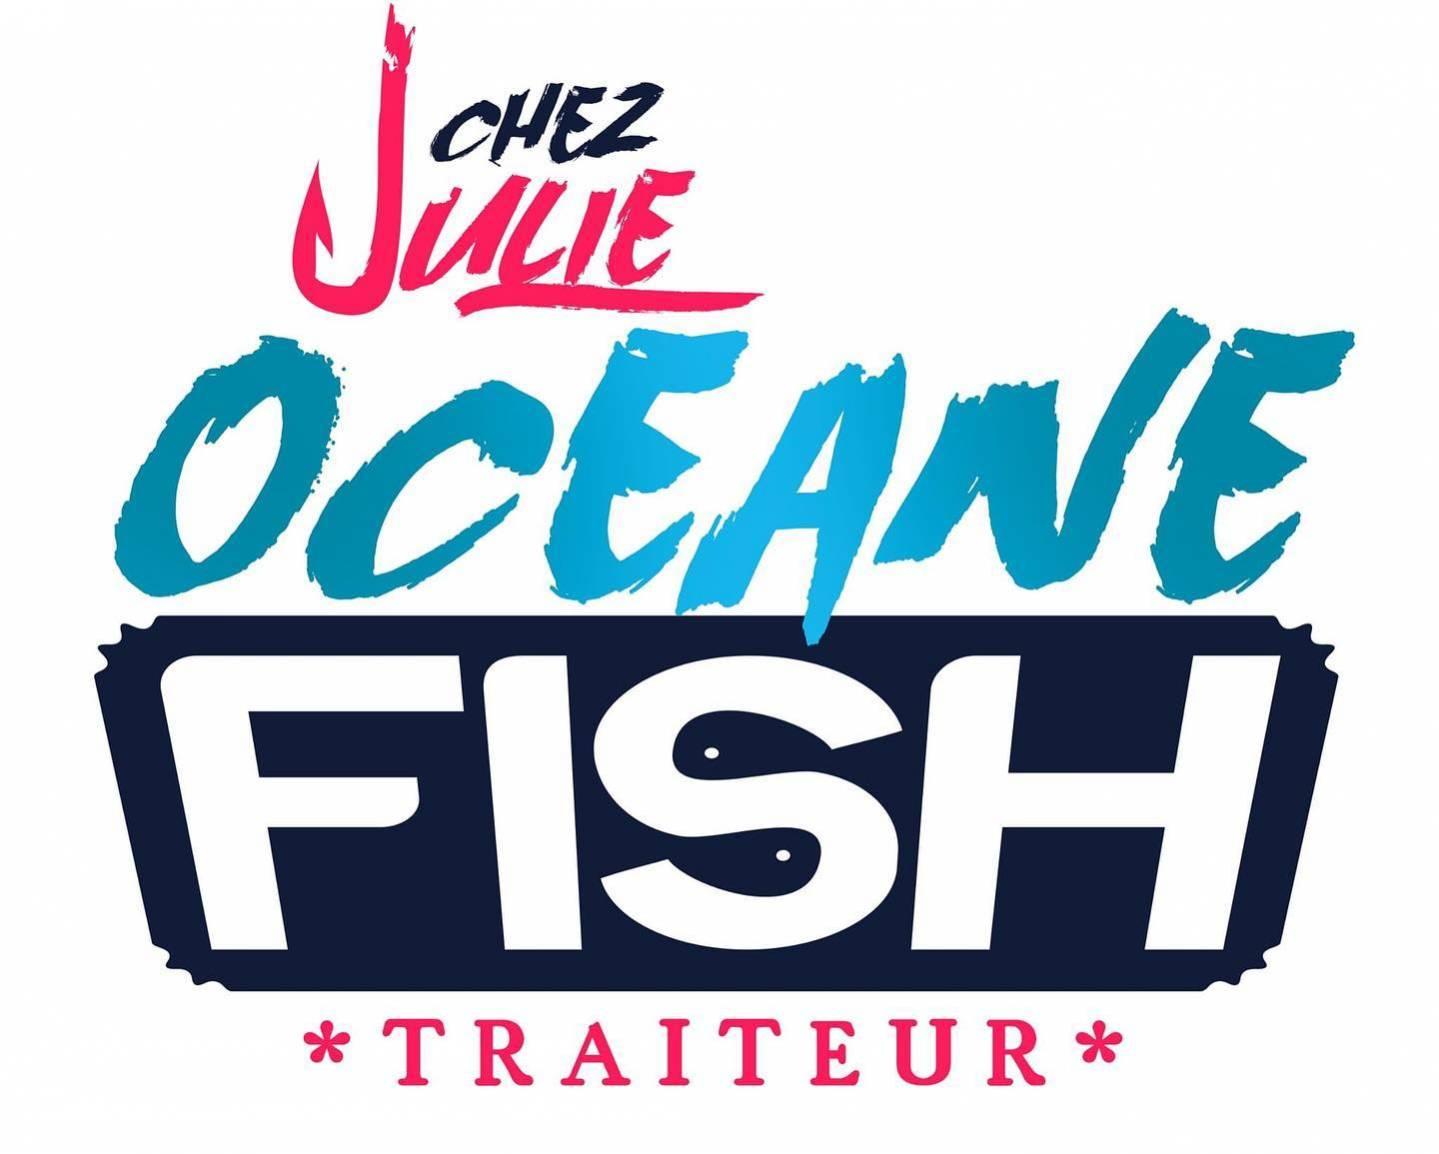 CHEZ JULIE OCEANE FISH Le Port 974